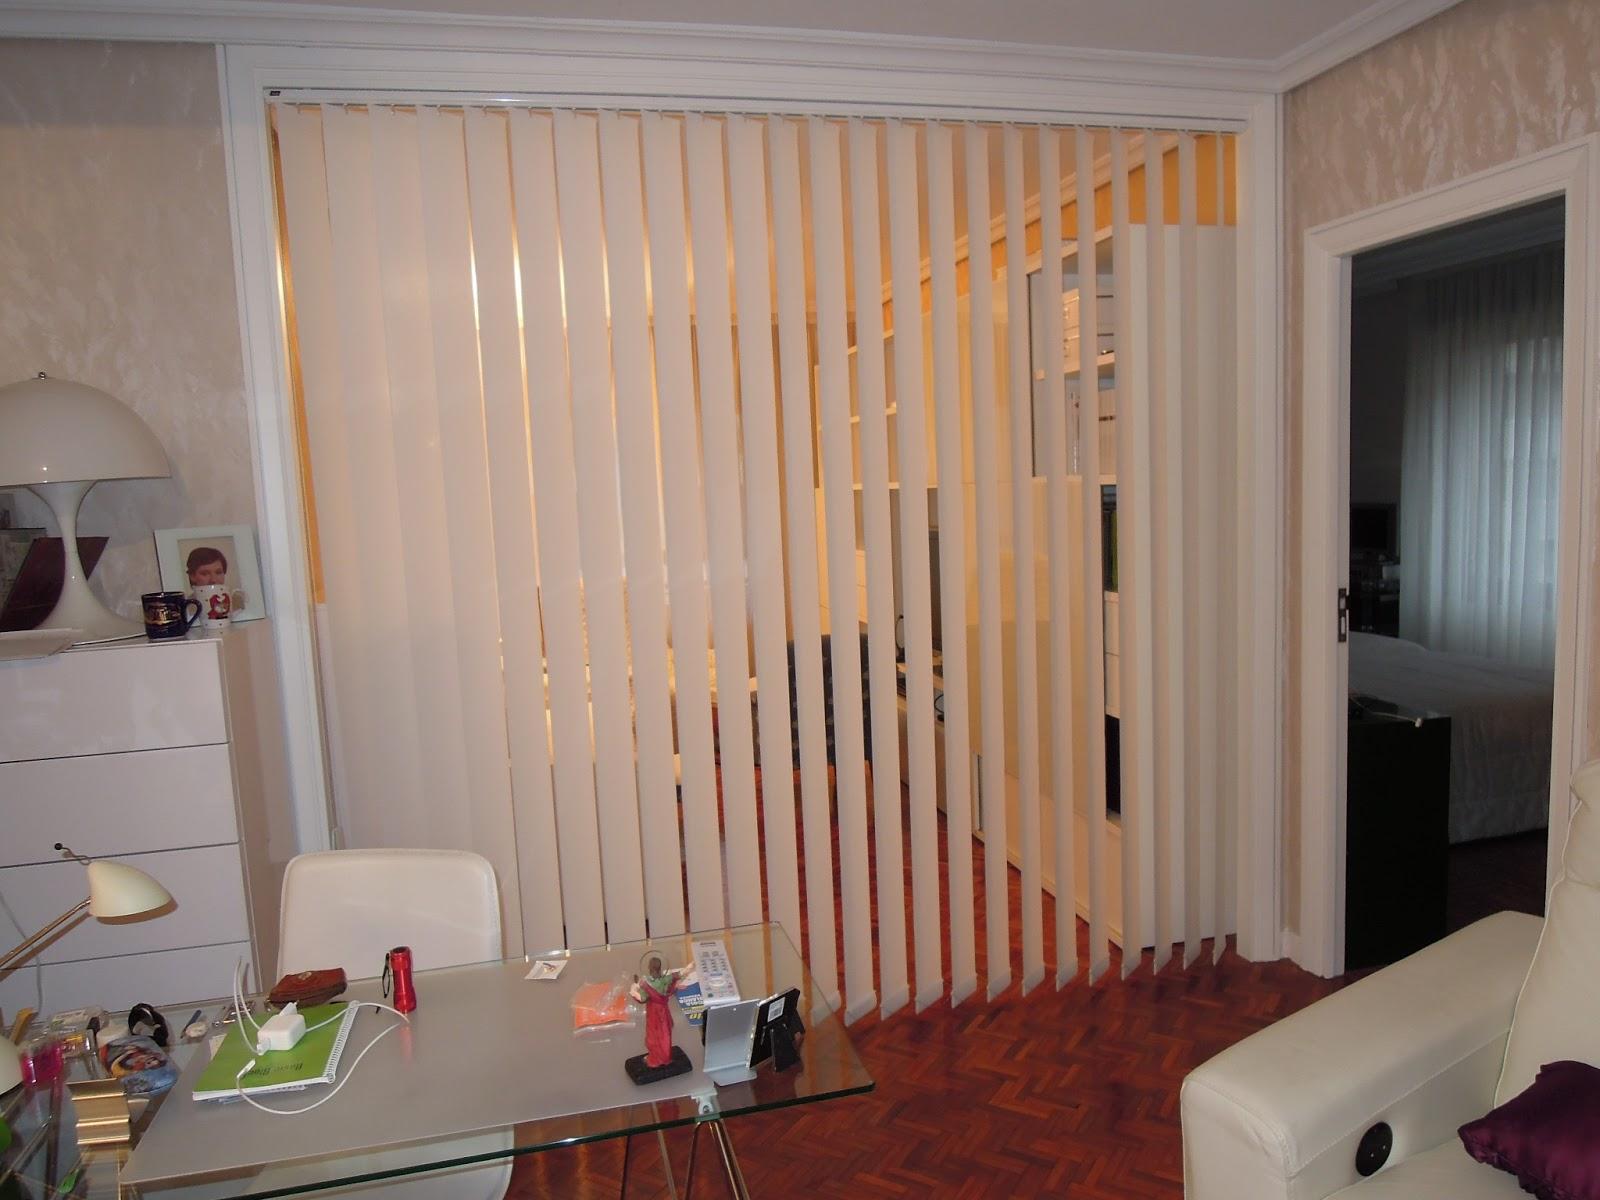 Almacen salones 2013 for Cortinas para separar ambientes